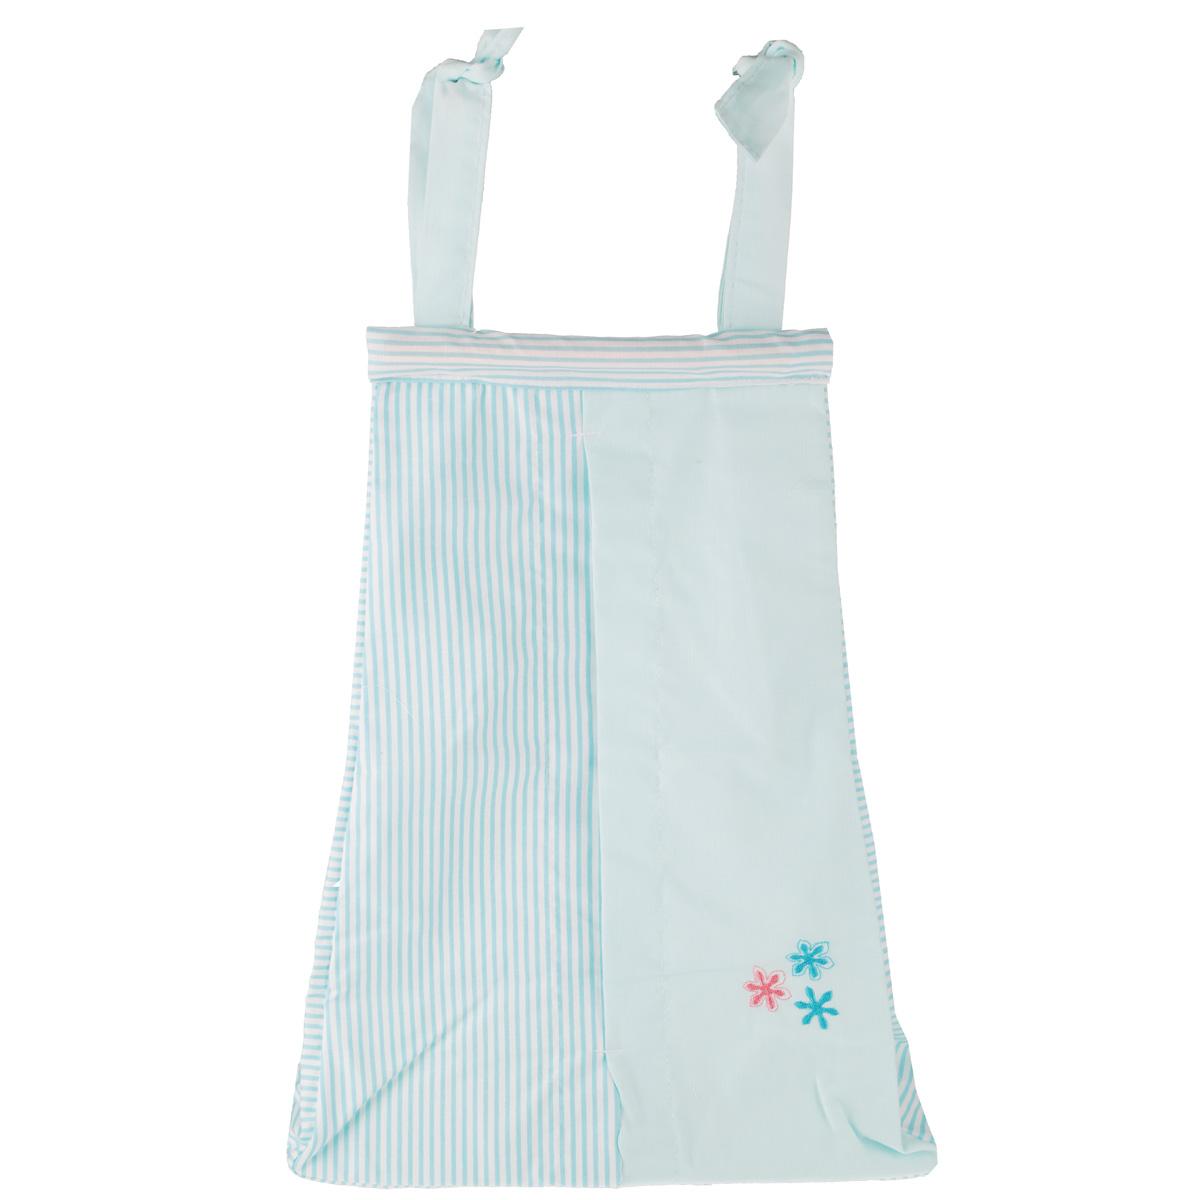 """Сумка для пеленок и подгузников Fairy """"Белые кудряшки"""", изготовленная из натурального 100% хлопка, декорирована изображением цветов. Изделие оборудовано одним вместительным отделением и предназначено для хранения самых необходимых вещей малыша (подгузников и пеленок). Из такой сумки легко доставать необходимые вещи, не прикладывая практически никаких усилий, так как она оснащена большим прорезным карманом посередине. С помощью текстильных веревочек, изделие можно привязывать к спинке кроватки. А благодаря наличию деревянной планки наверху, сумка не будет перекручиваться. Сумка станет отличным и незаменимым помощником для мам. Привлекательный дизайн и нежная расцветка позволяет ей гармонично вписаться в интерьер любой детской комнаты."""